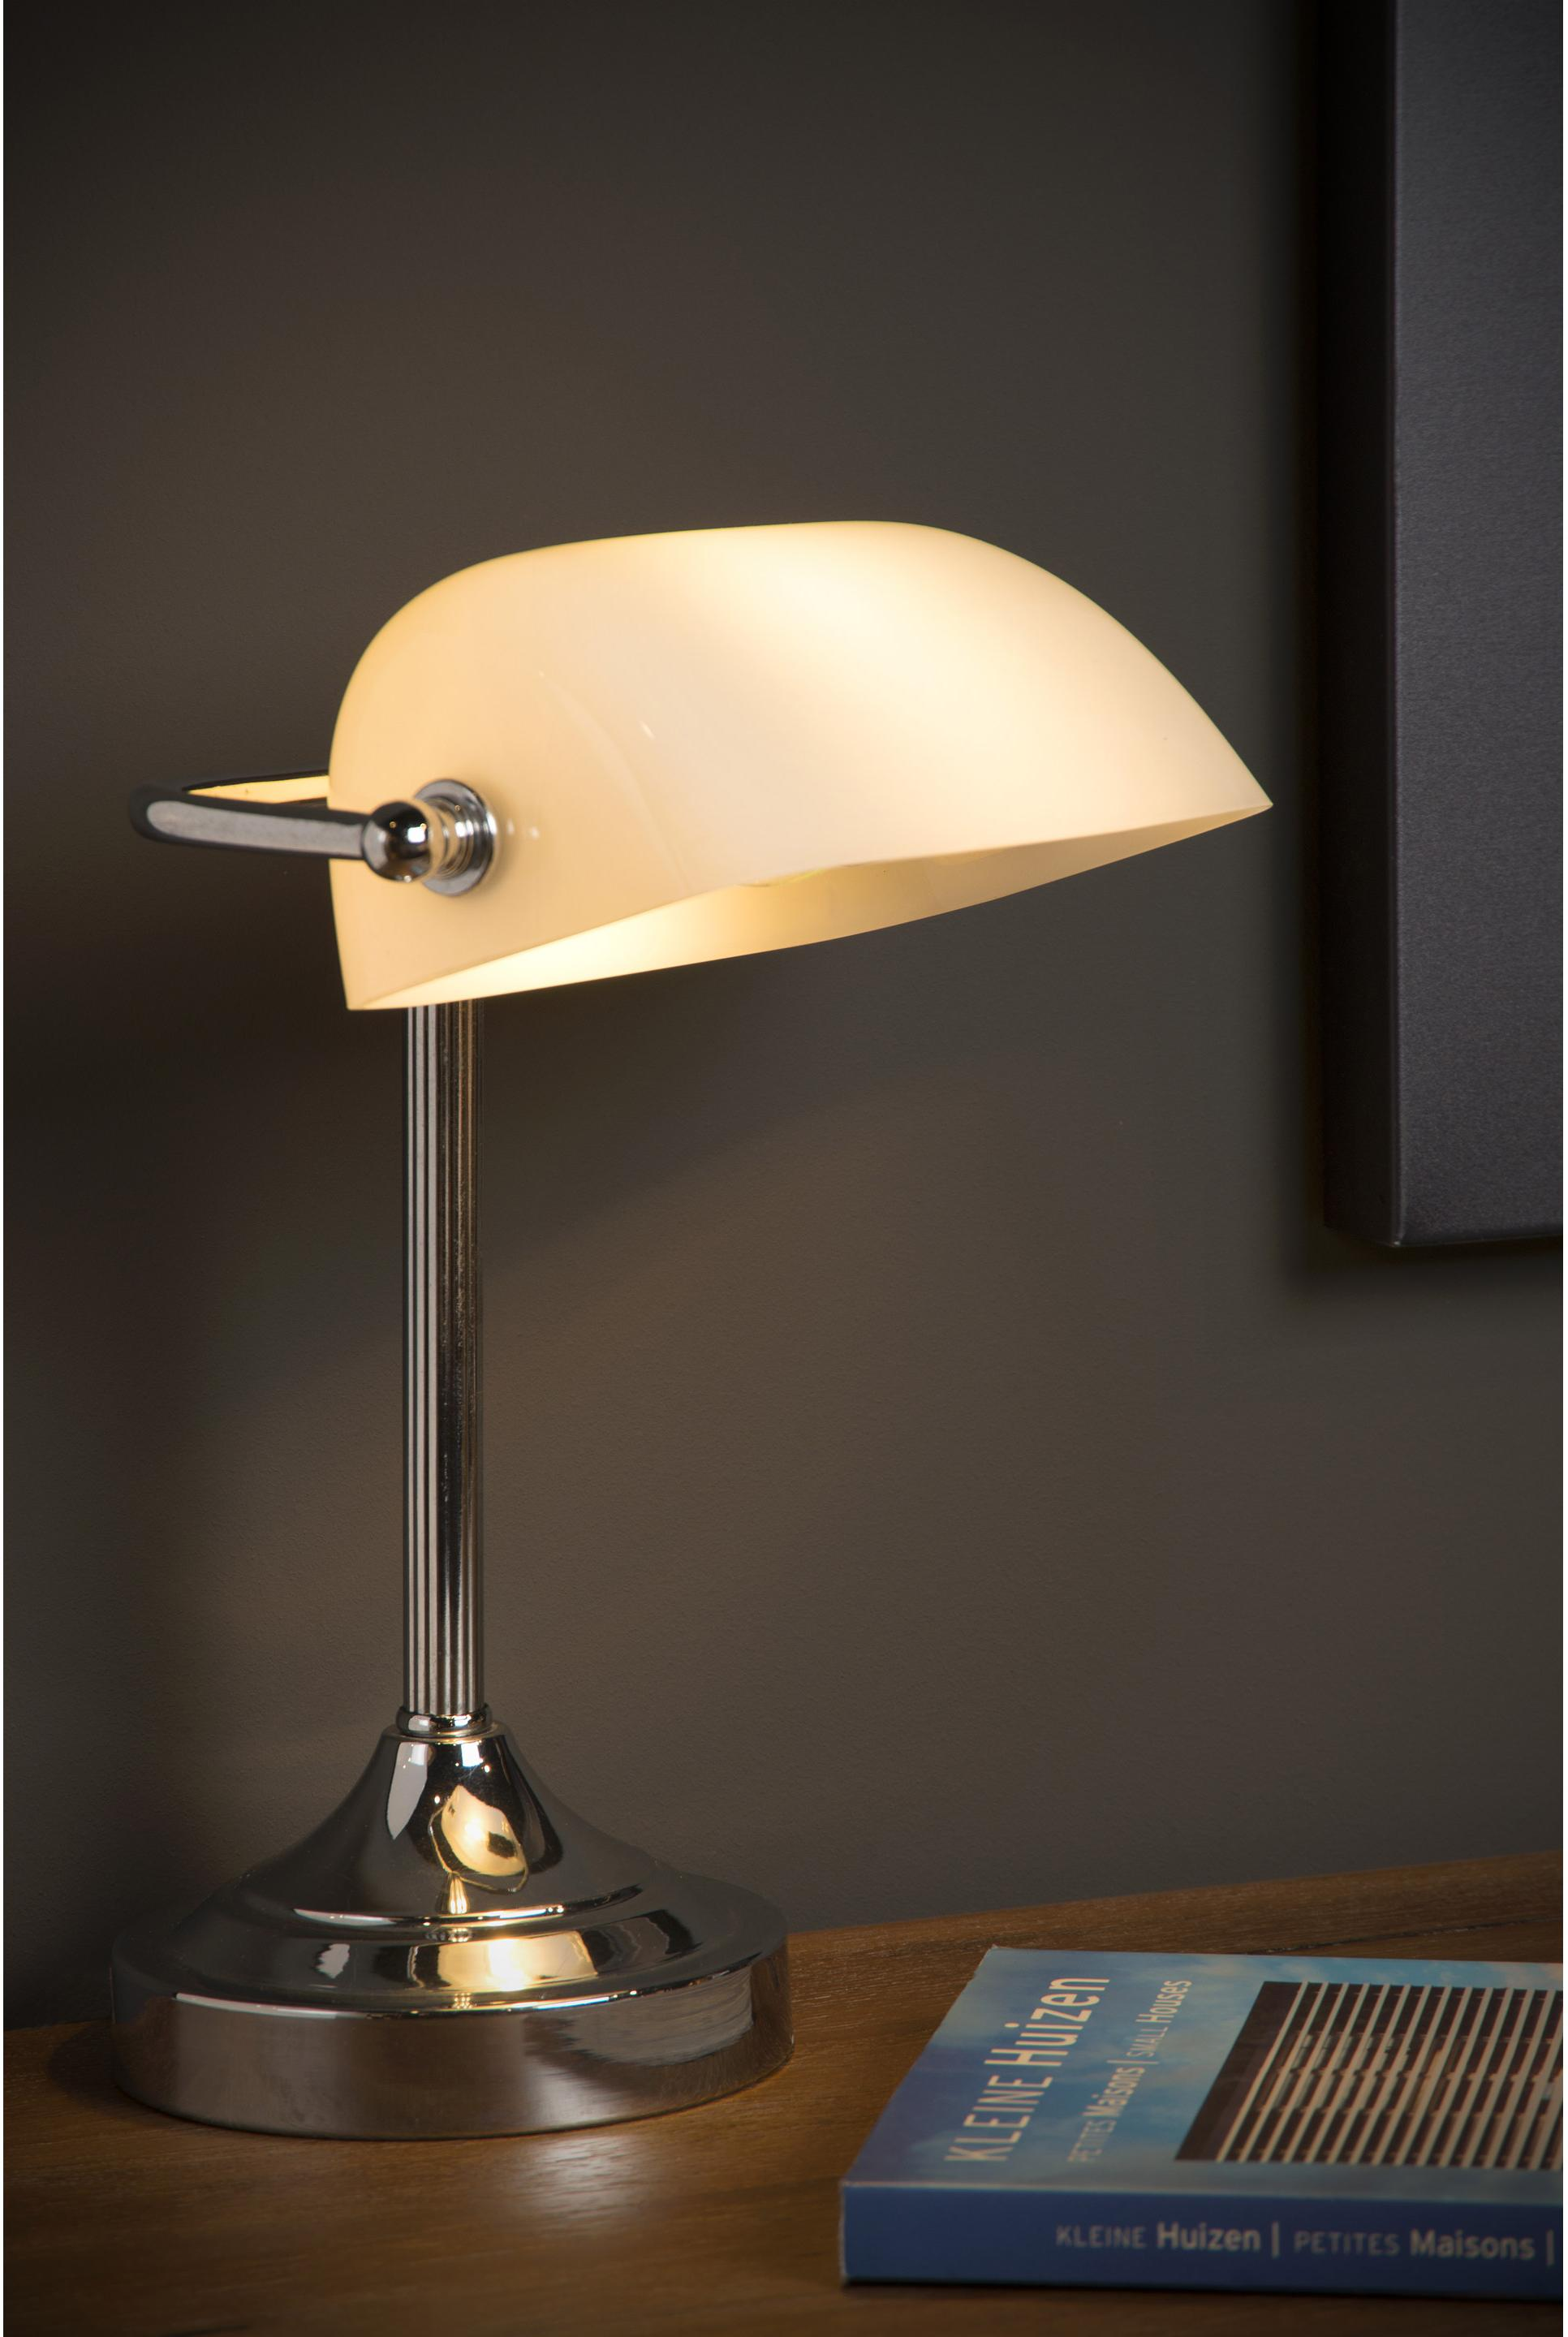 Au Meilleur DesignSur PiedÀ Poser Lampe Prix nPNk80wXO